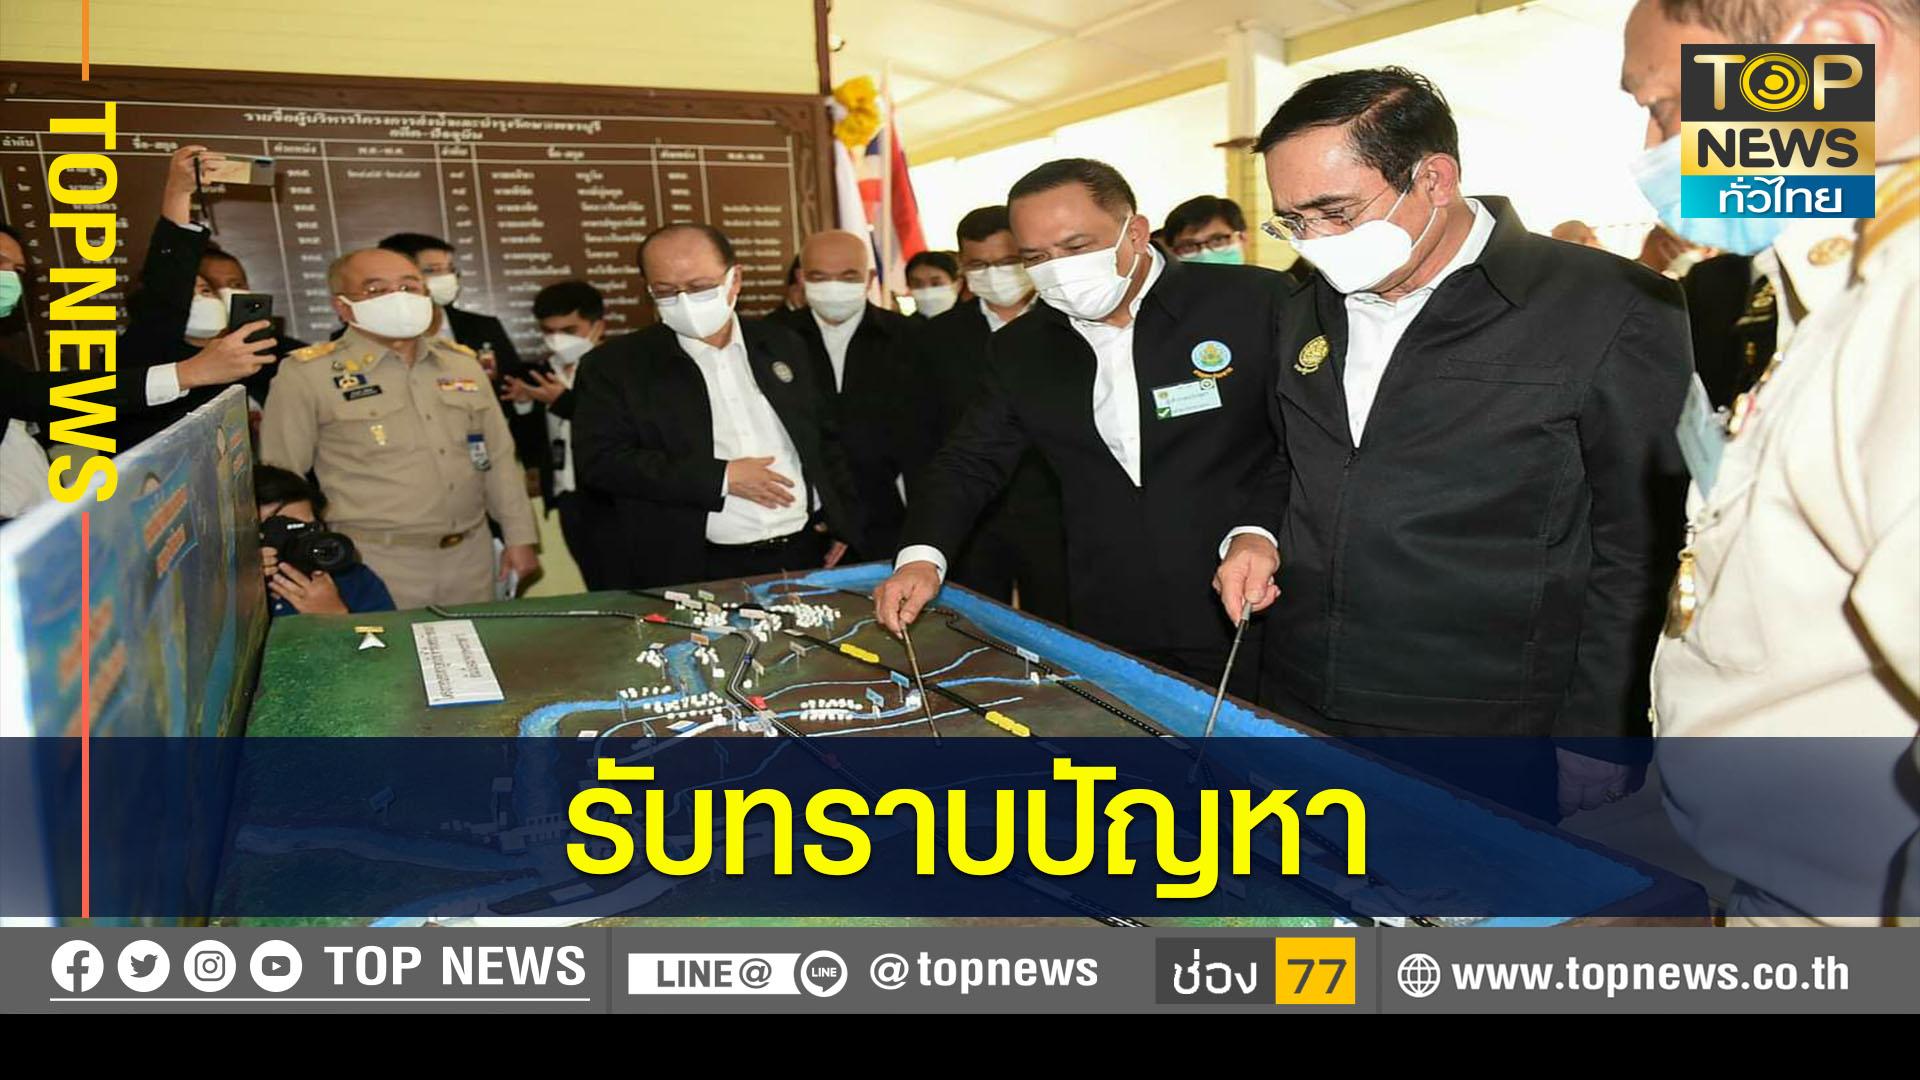 นายกรัฐมนตรีเยือนเพชรบุรี ติดตามสถานการณ์น้ำ-ประชุมเตรียมเปิดประเทศท่องเที่ยว